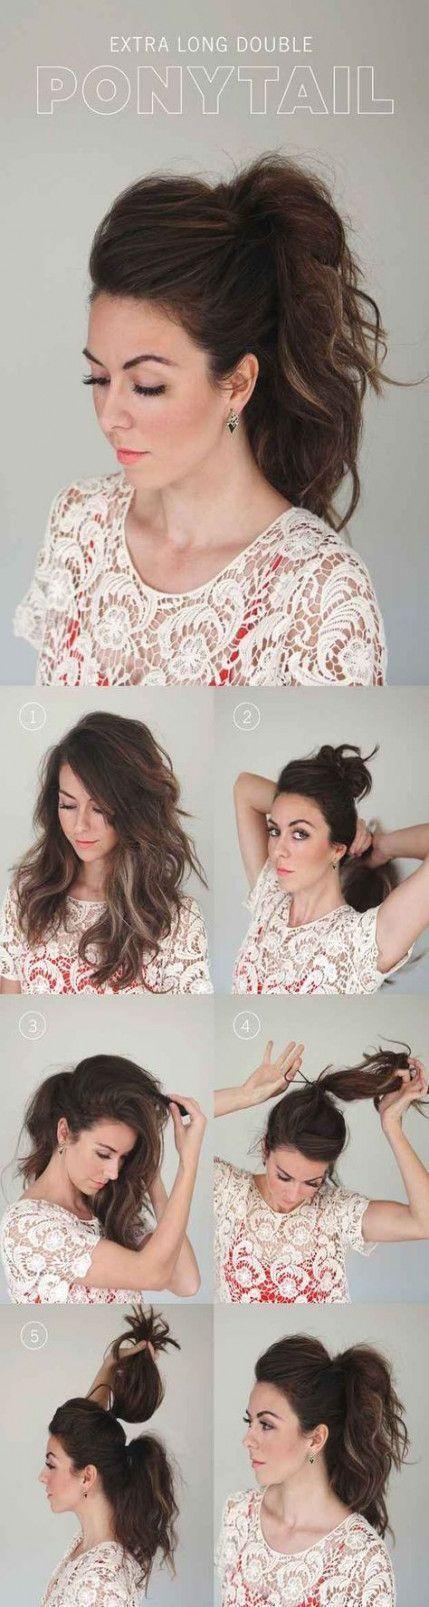 65 Trendy Hair Styles Ponytail Buzzfeed Trendige Haarfarben Haar Pony Frisuren Dunnes Haar